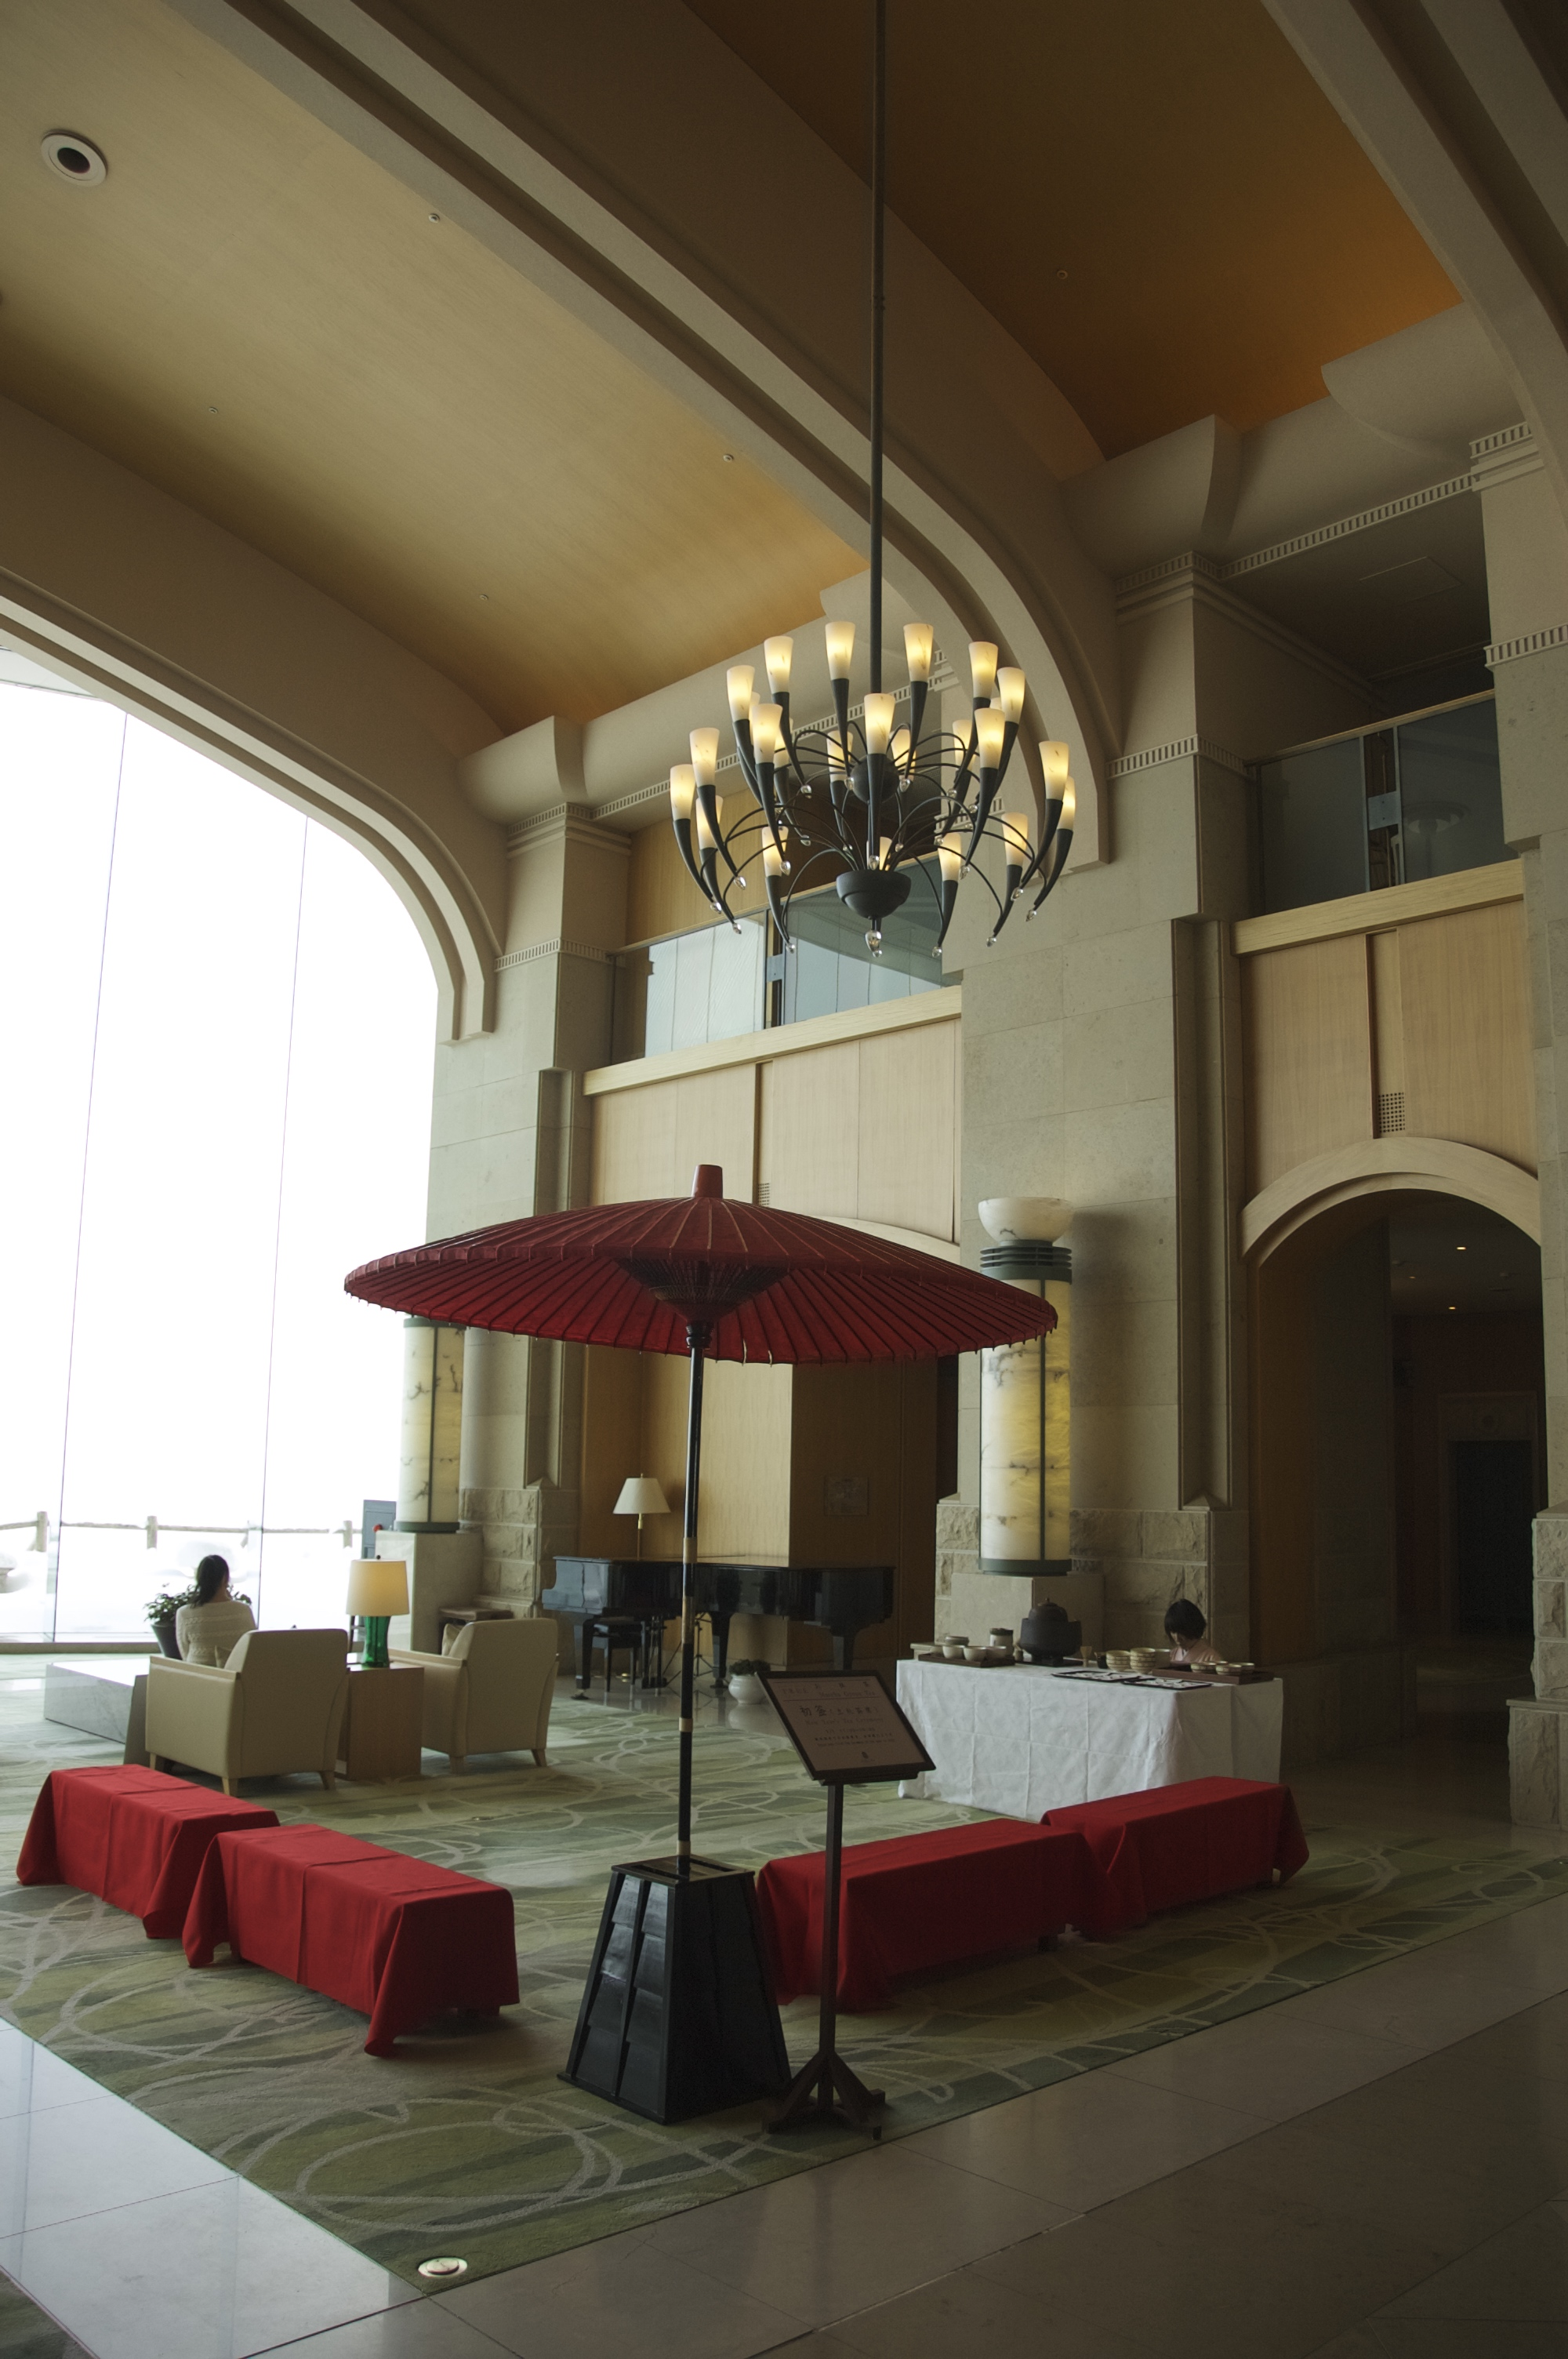 洞爺湖の最高級リゾートホテル、ザ・ウィンザーホテル洞爺で茶道体験コーナーを実施しました。